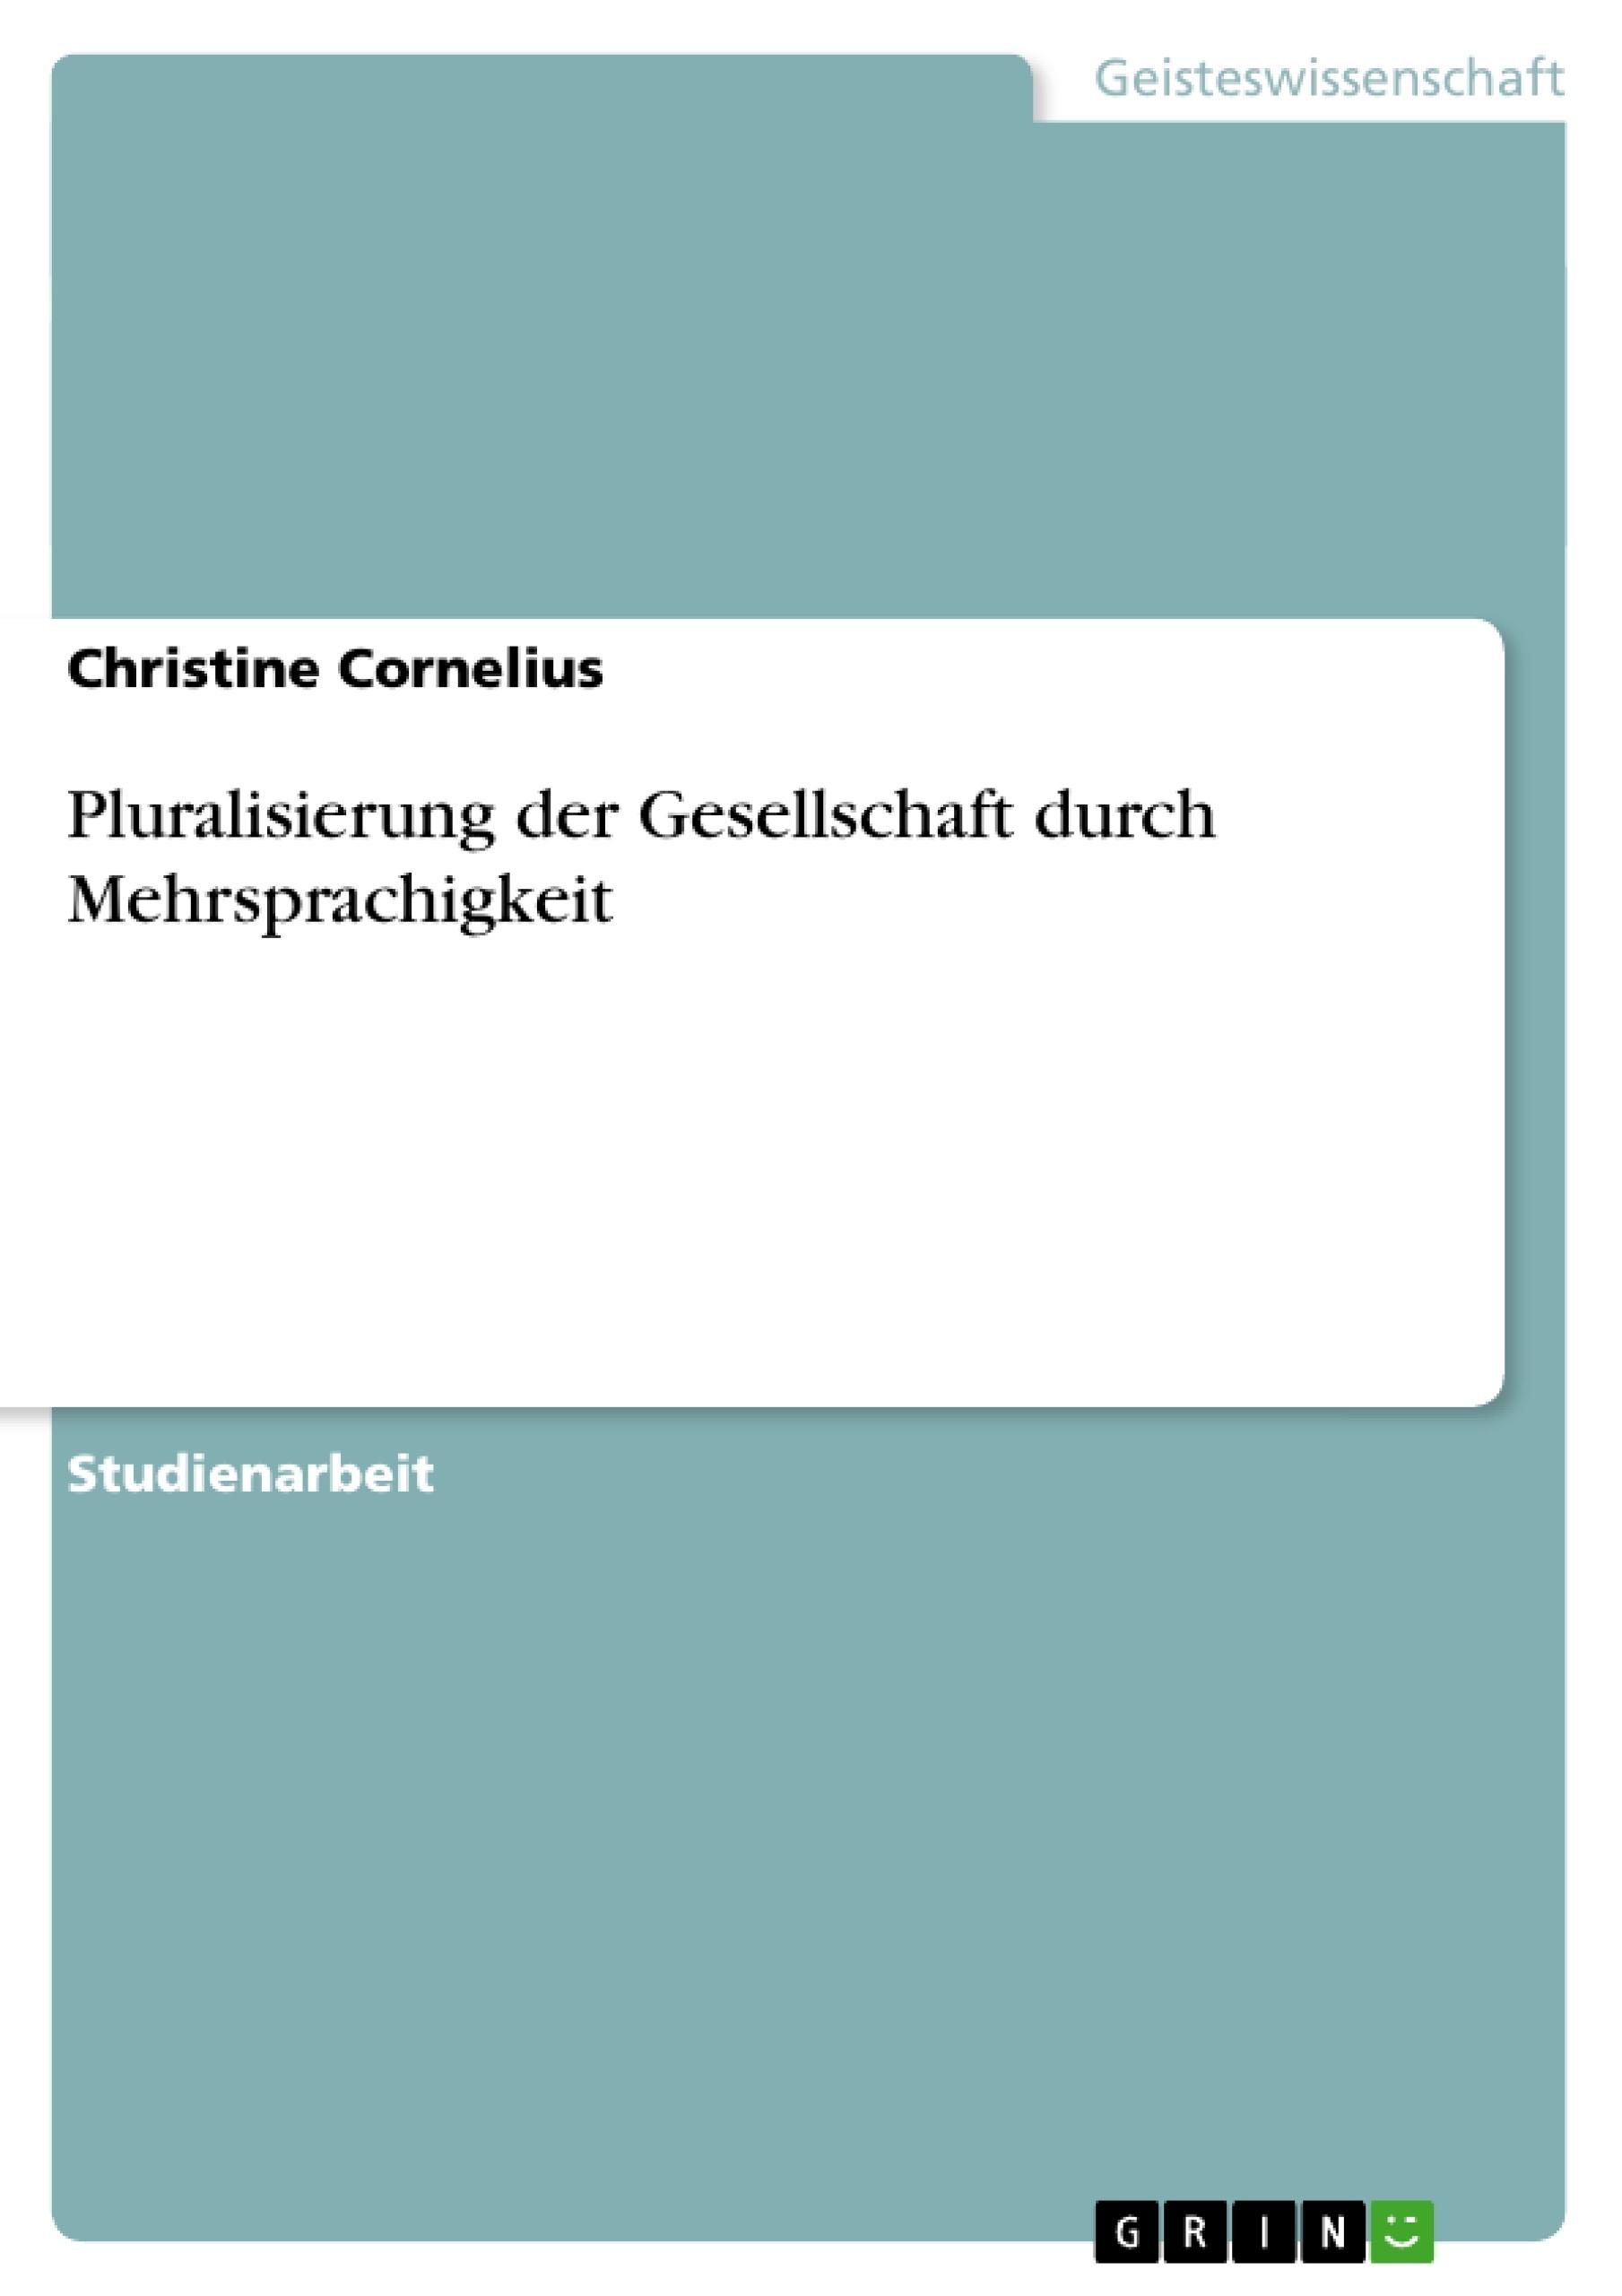 Titel: Pluralisierung der Gesellschaft durch Mehrsprachigkeit